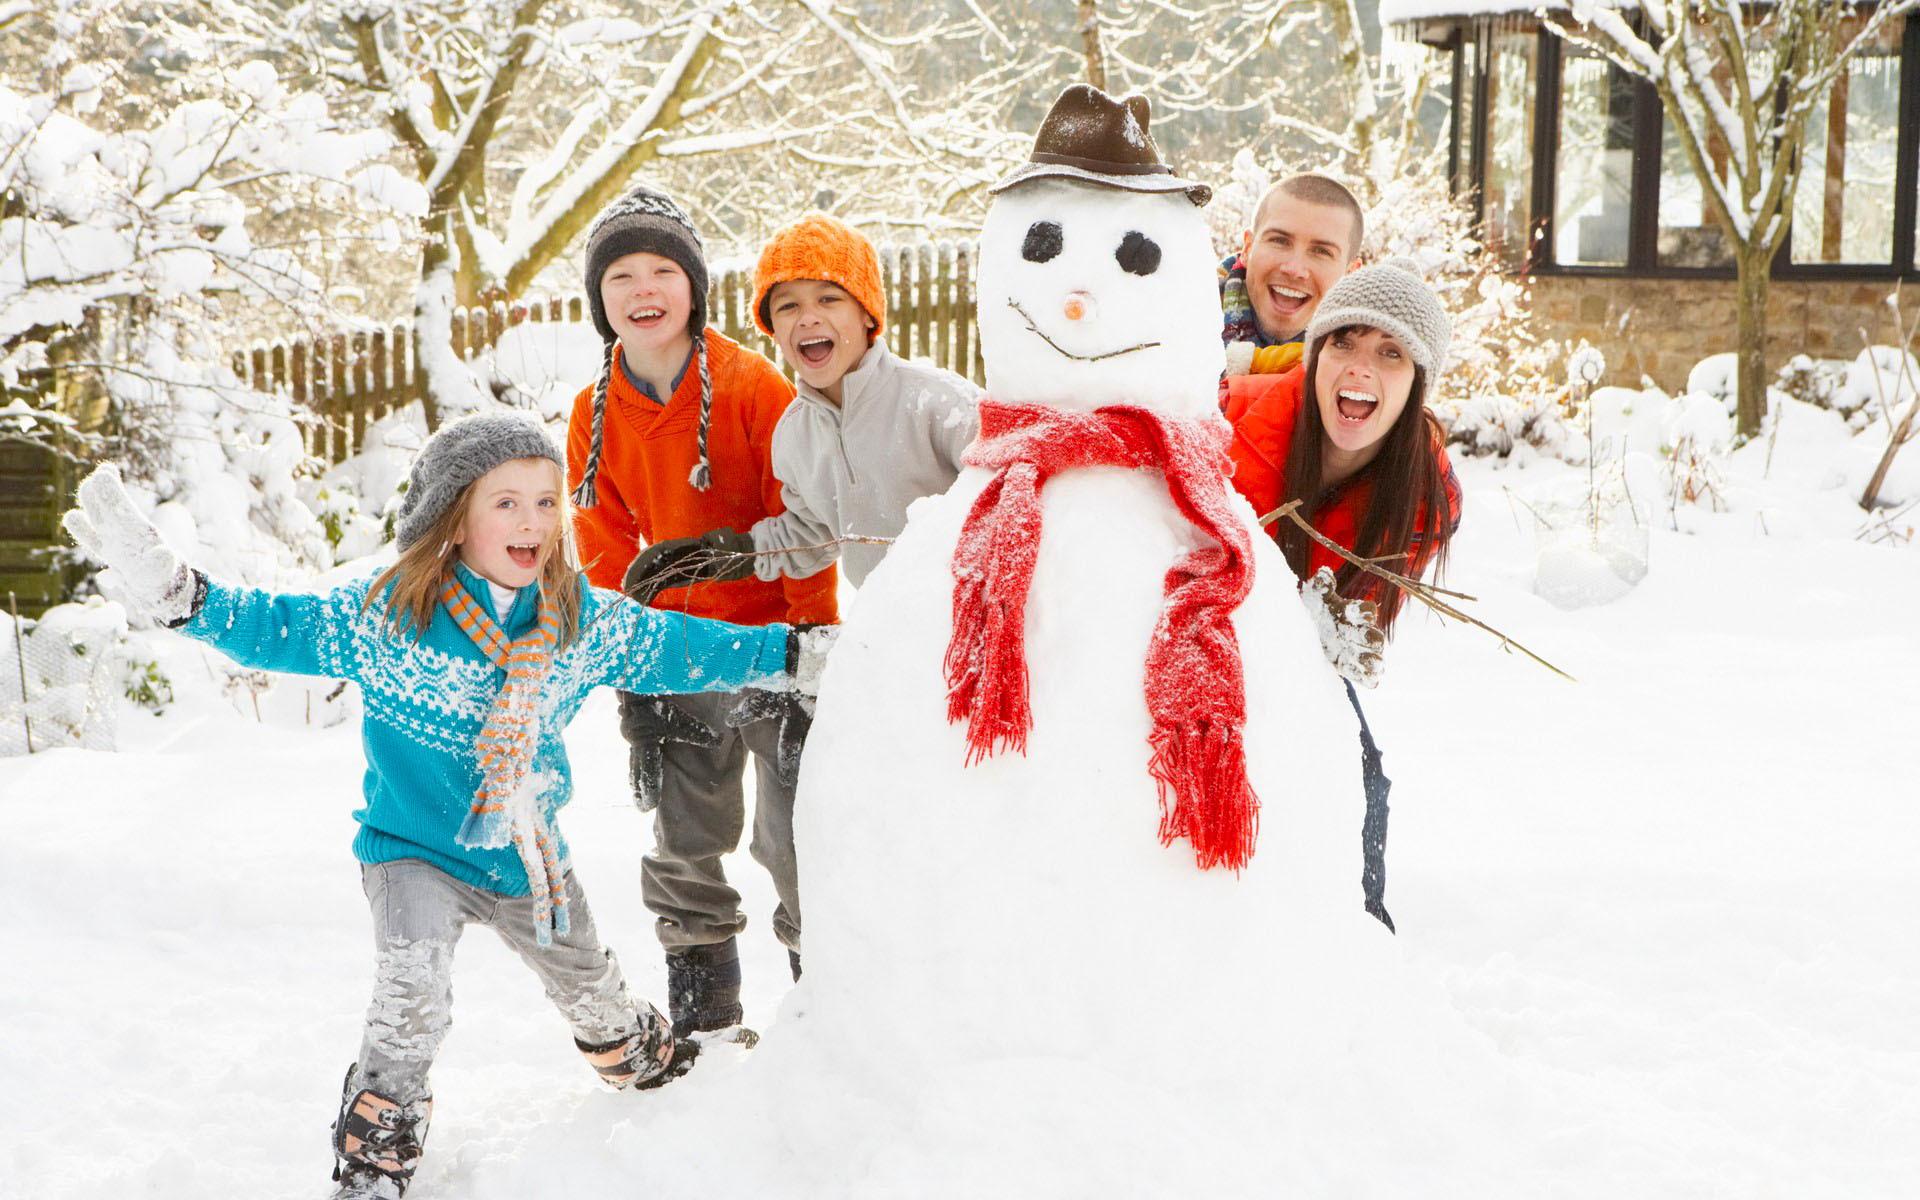 включала картинка новогодние забавы снежки такое евроремонт чем